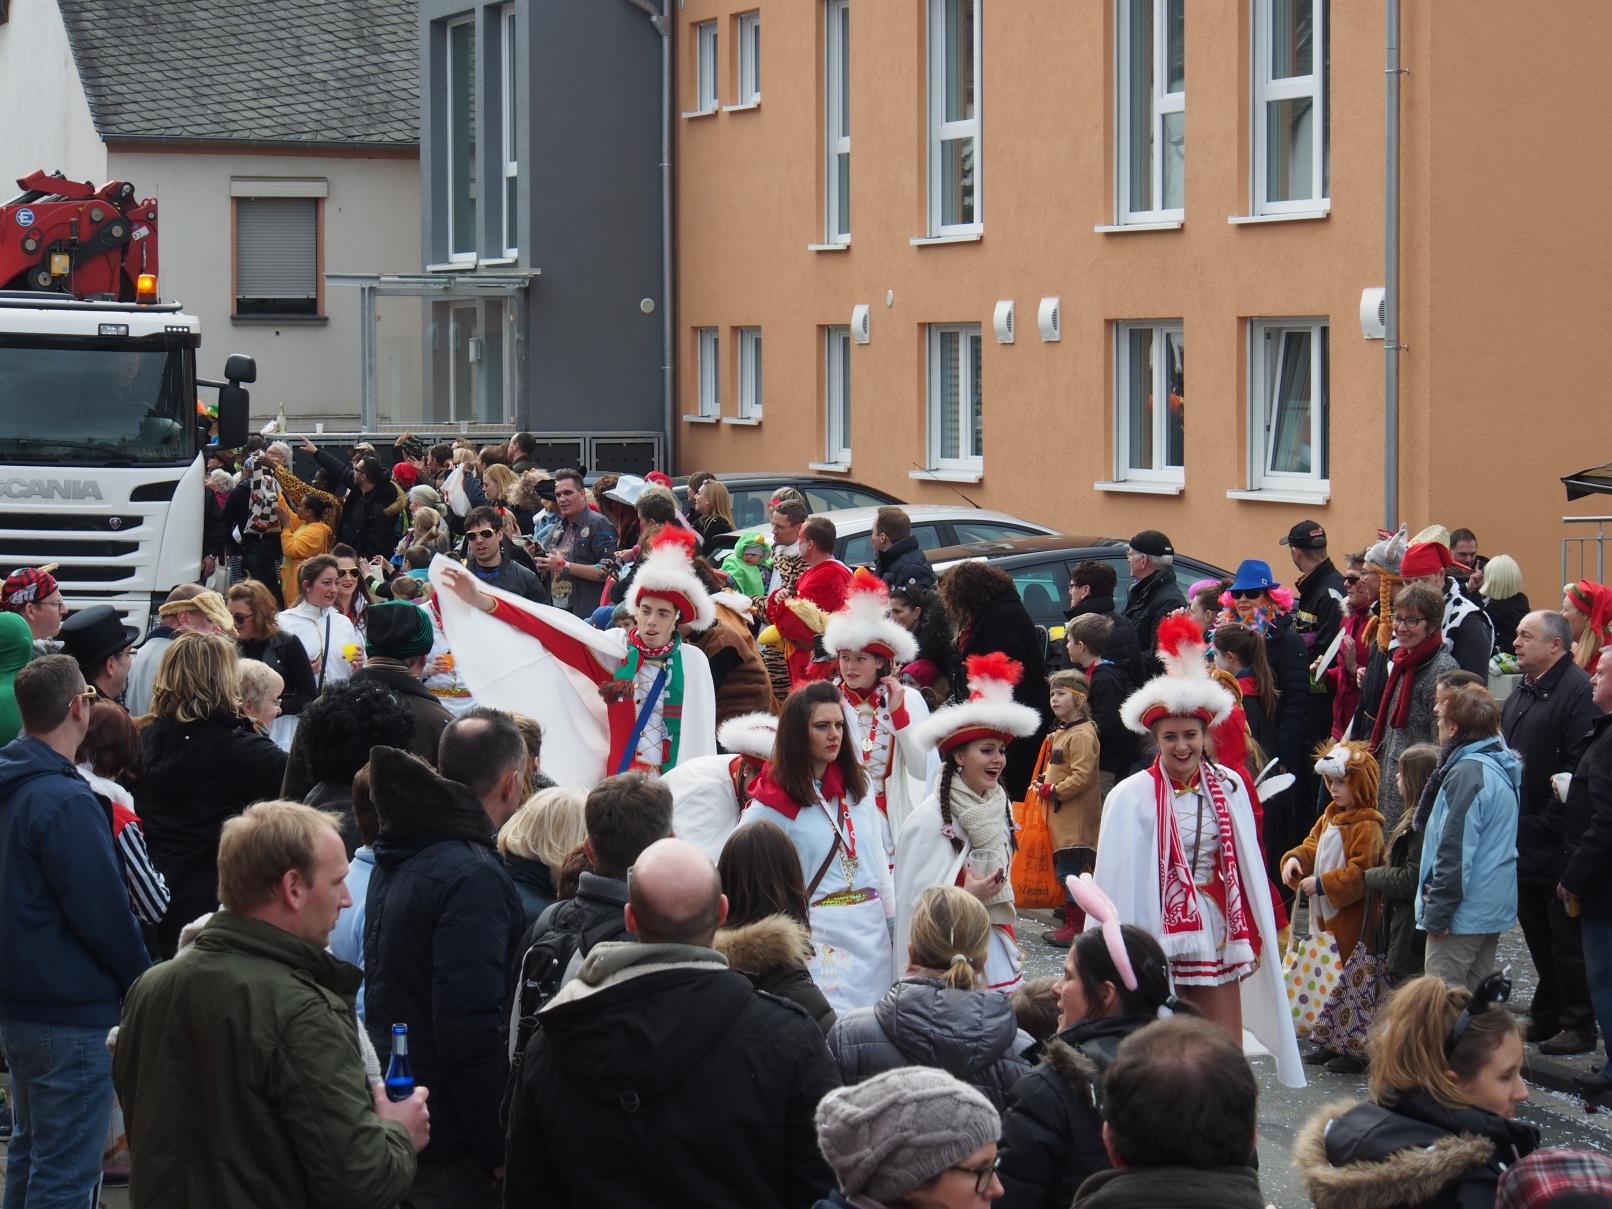 karneval_in_trier29.jpg